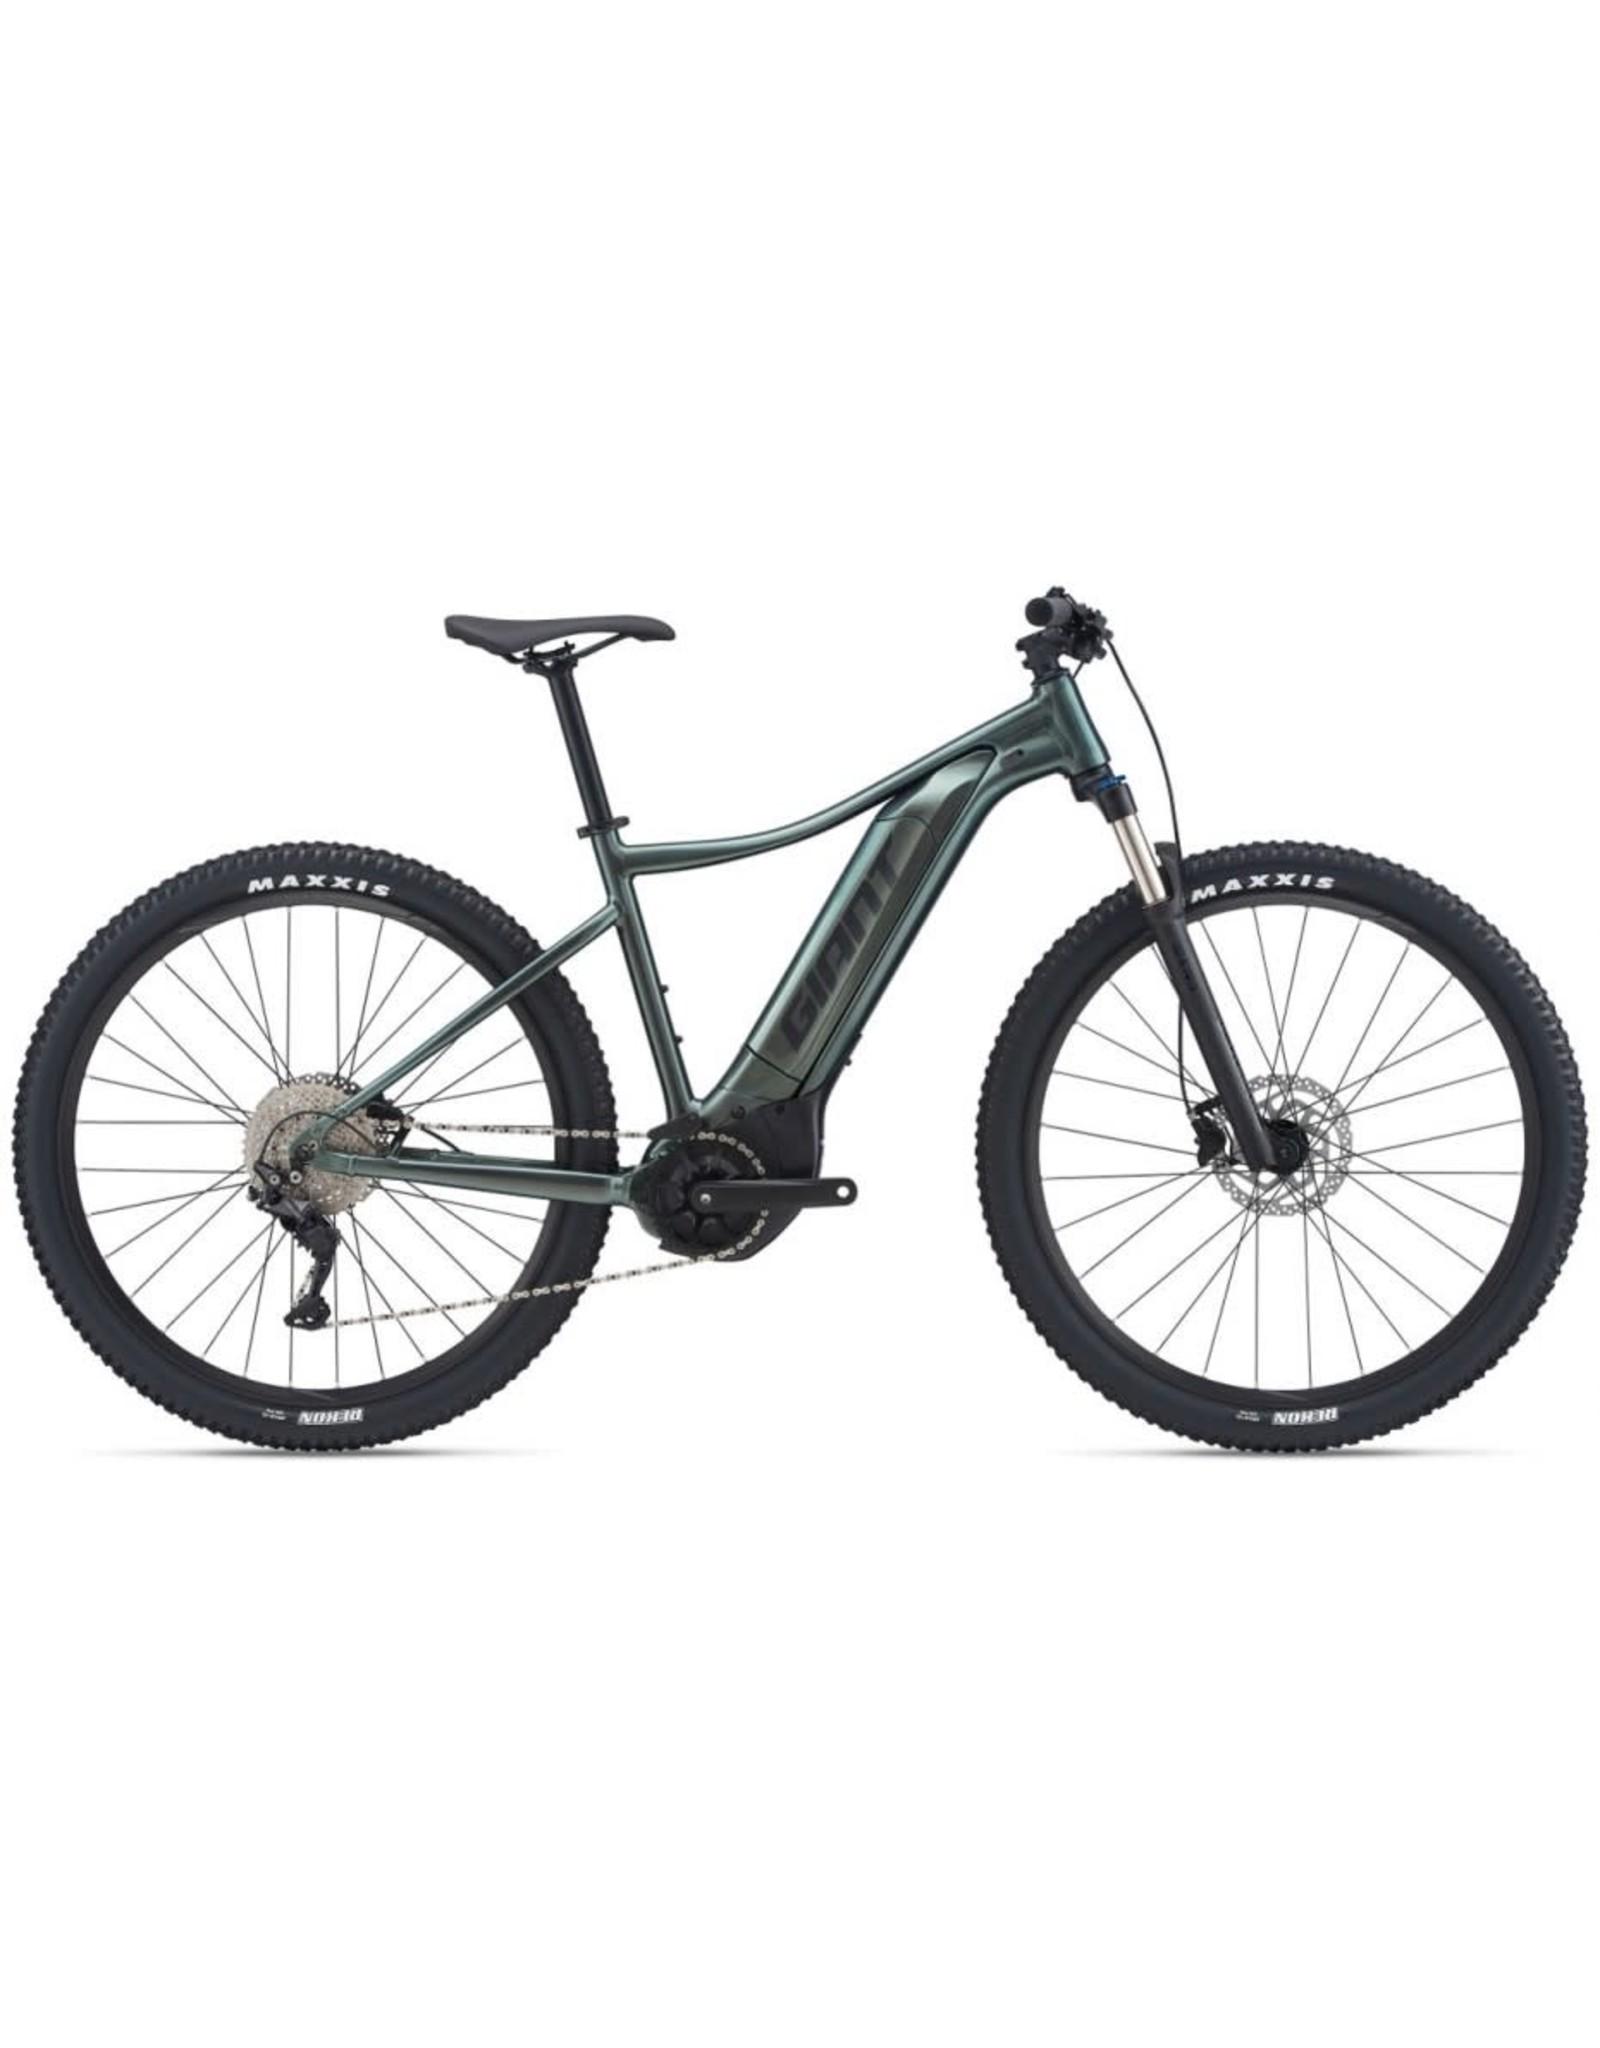 GIANT Giant Talon E+ 1 29er 2021 Balsam Green